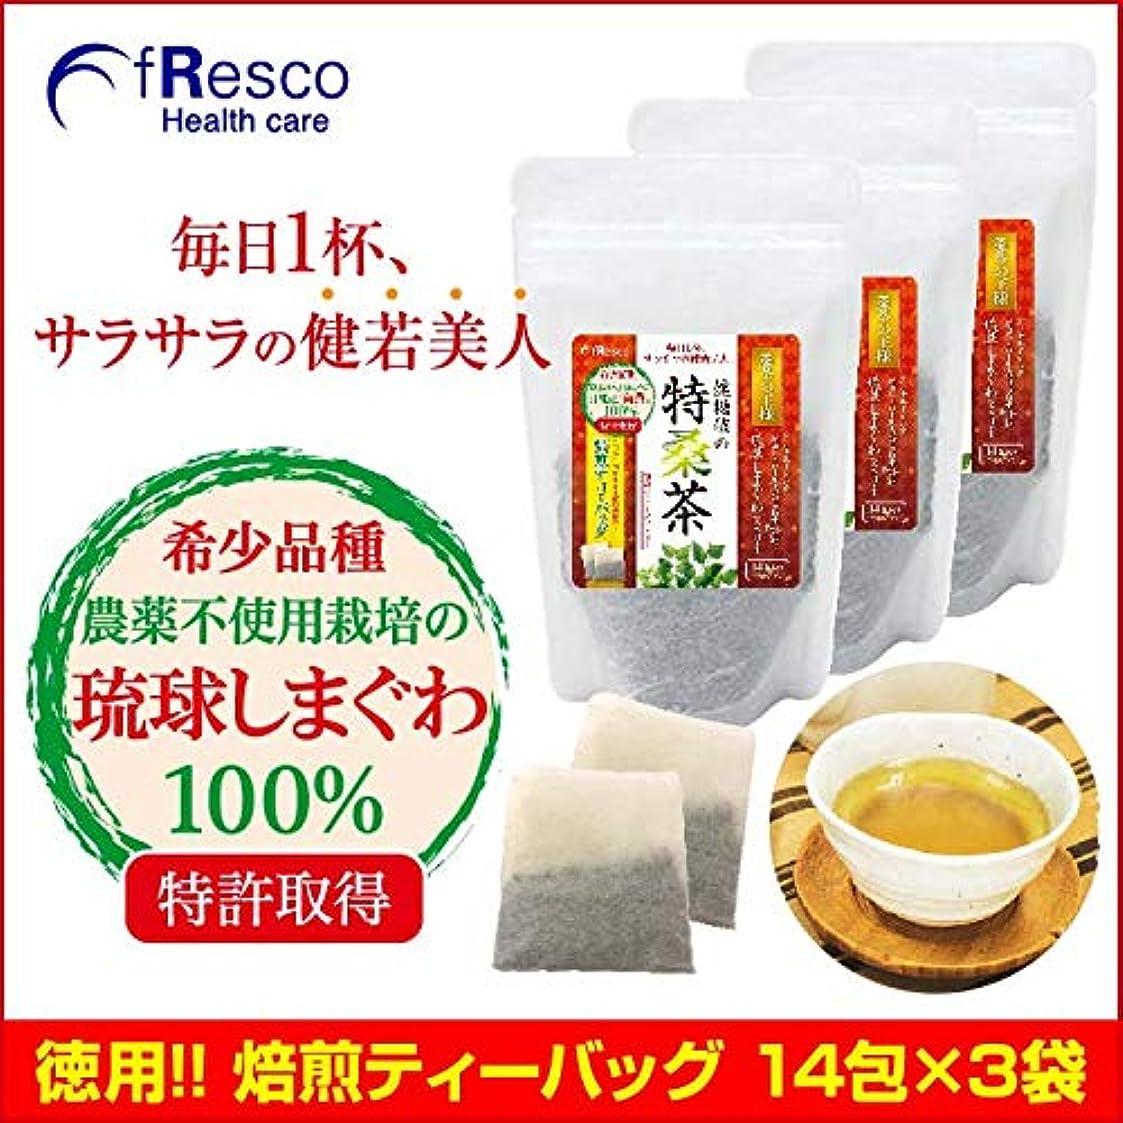 立ち向かうログピンチ桑茶の王様 琉球しまぐわ 健糖値の特桑茶 焙煎ティーバック 90日分(3個セット)